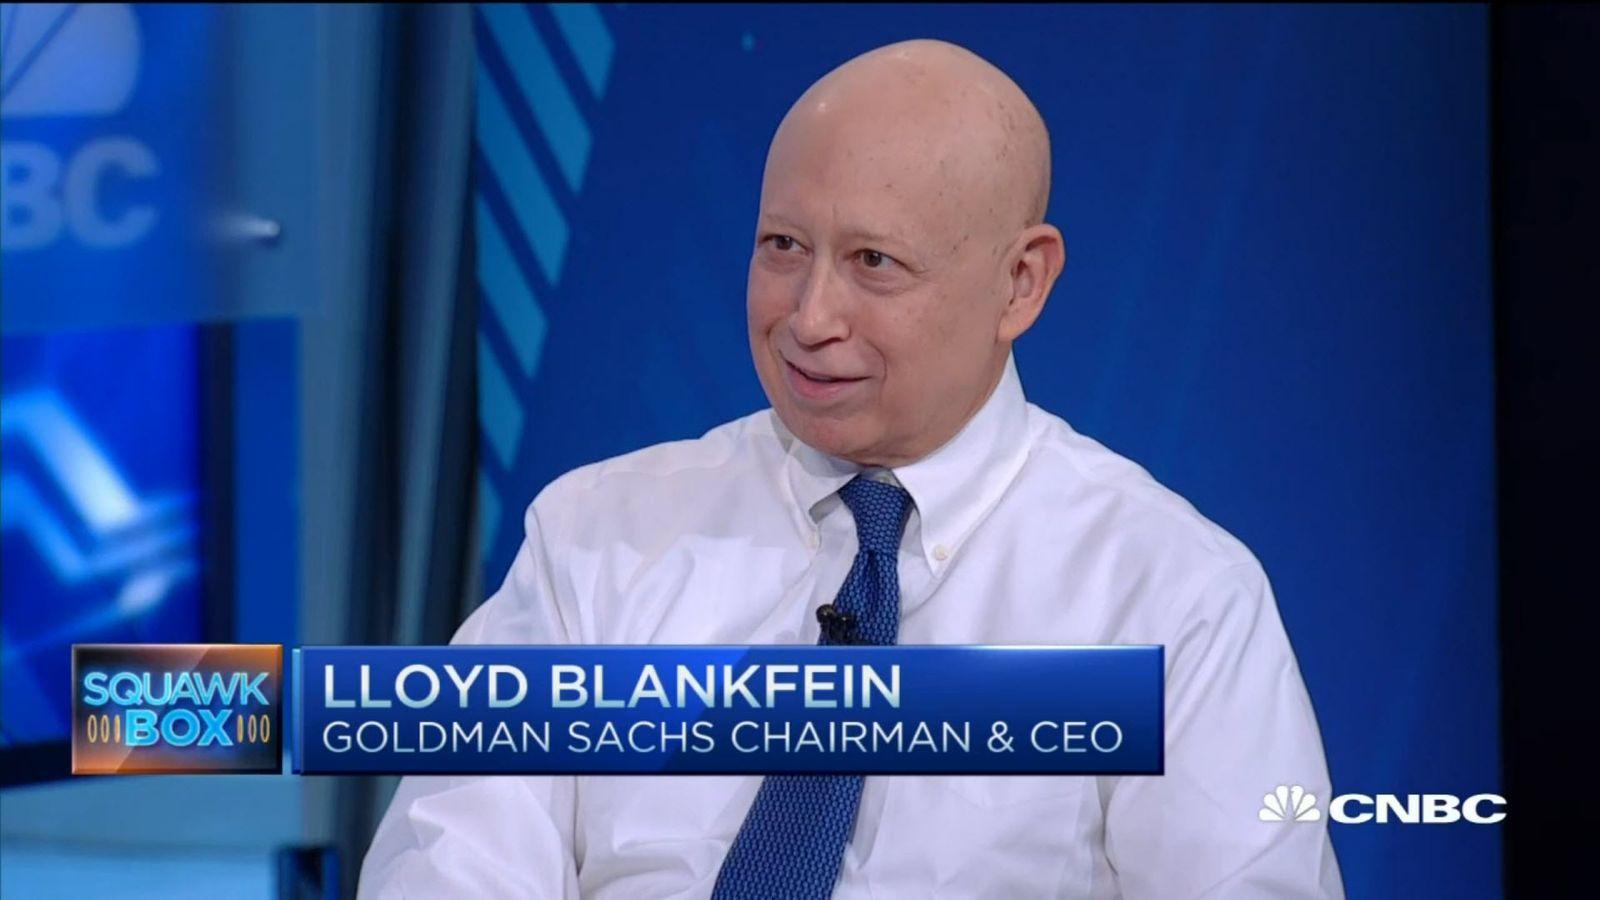 SCREENSHOT | CNBC - Lloyd Blankfein